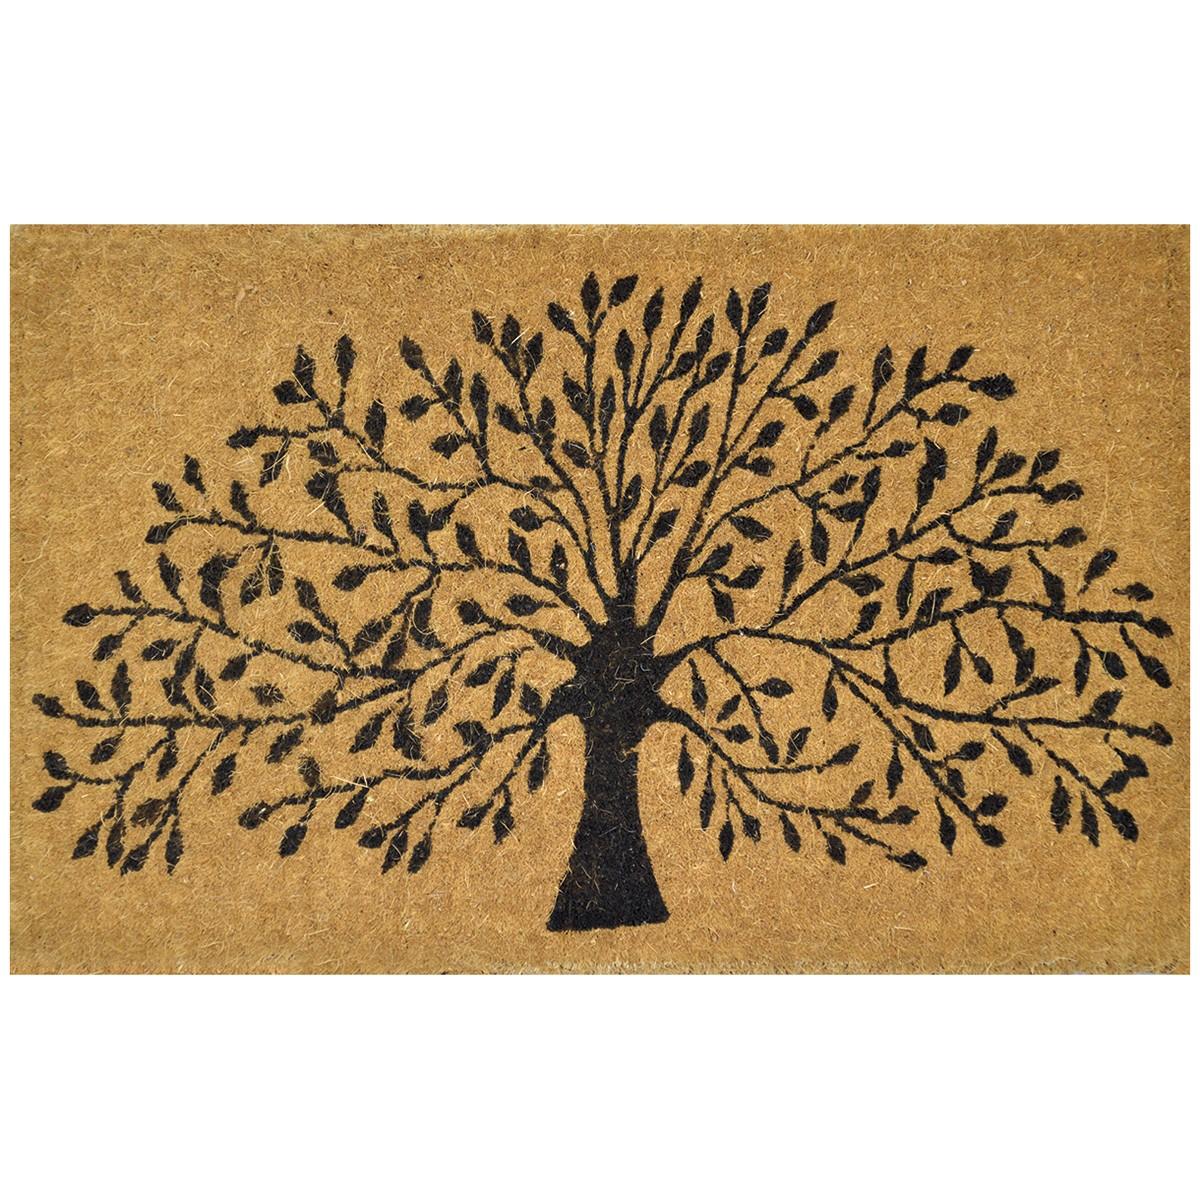 Tree of Life Premium Handwoven Coir Doormat, 80x50cm